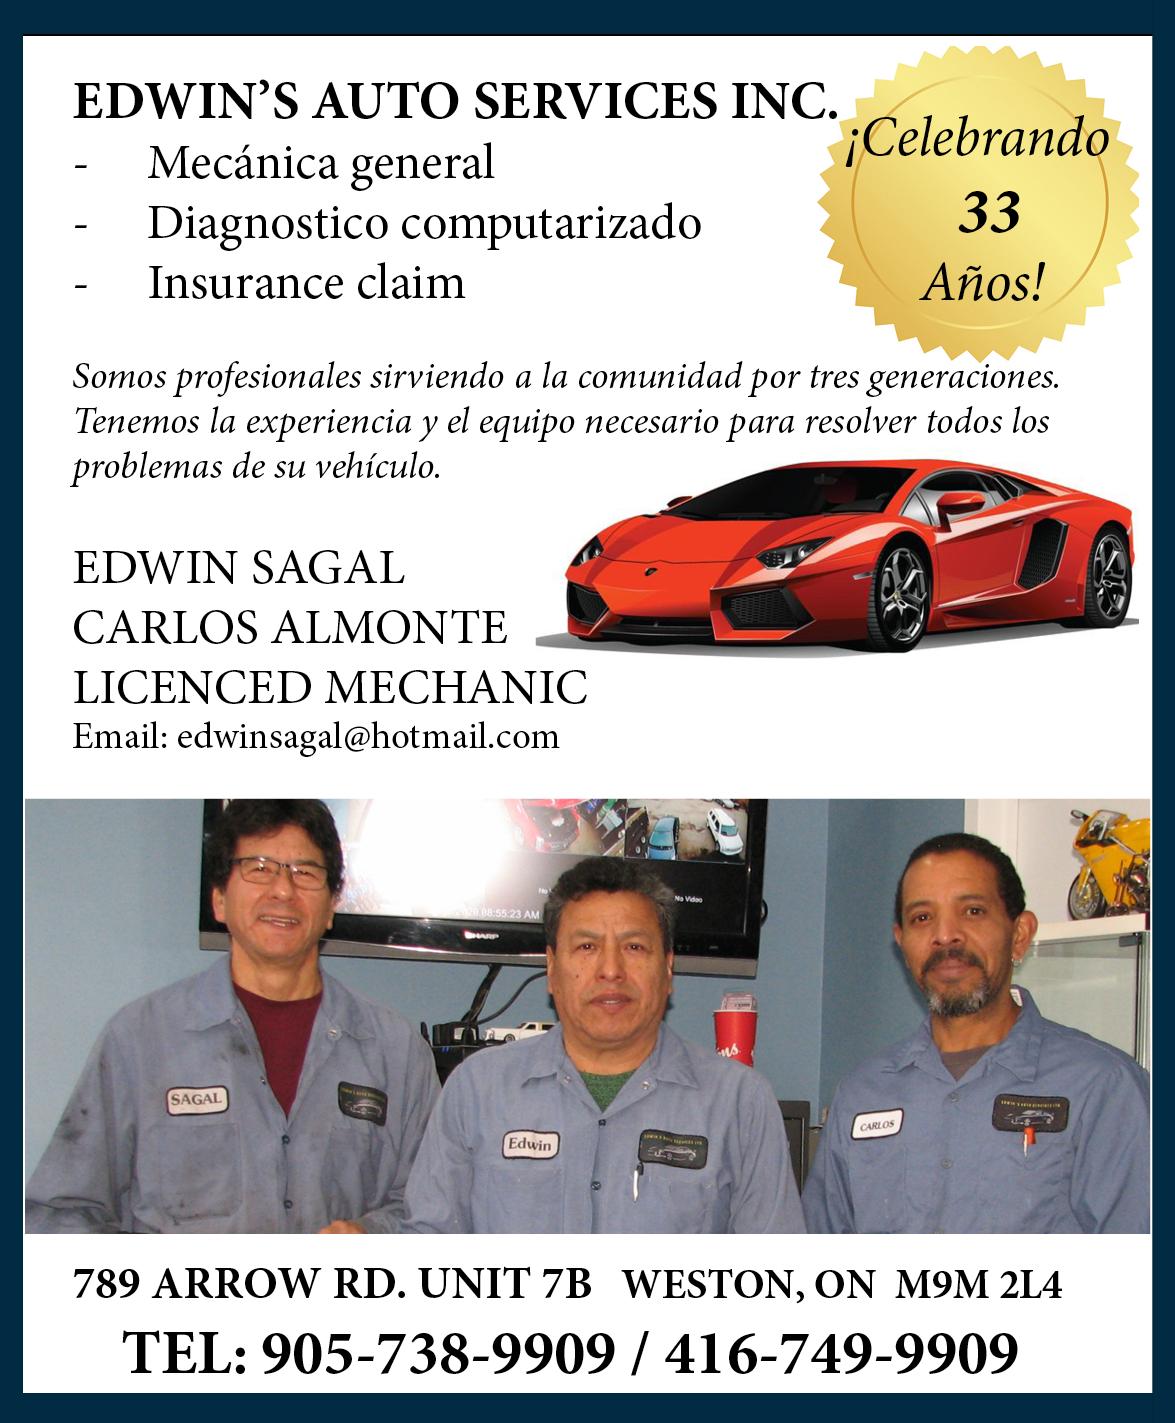 Edwin Auto Service – Sirviendo a la comunidad por tres generaciones